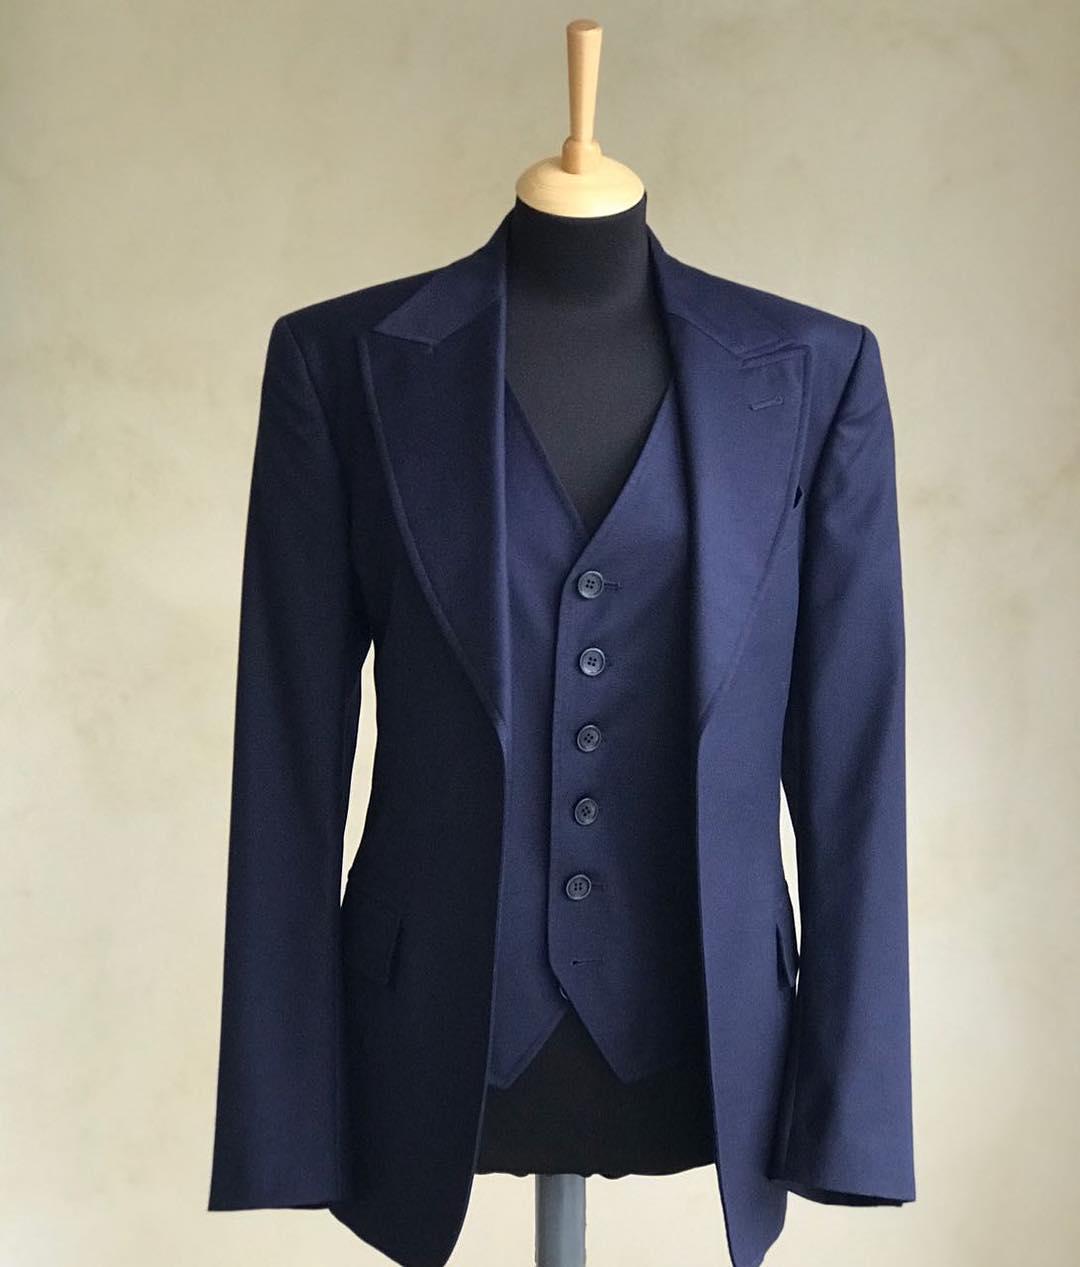 d299602e683c3 Купить пиджак John Galliano за 17830 руб. в интернет магазине ...